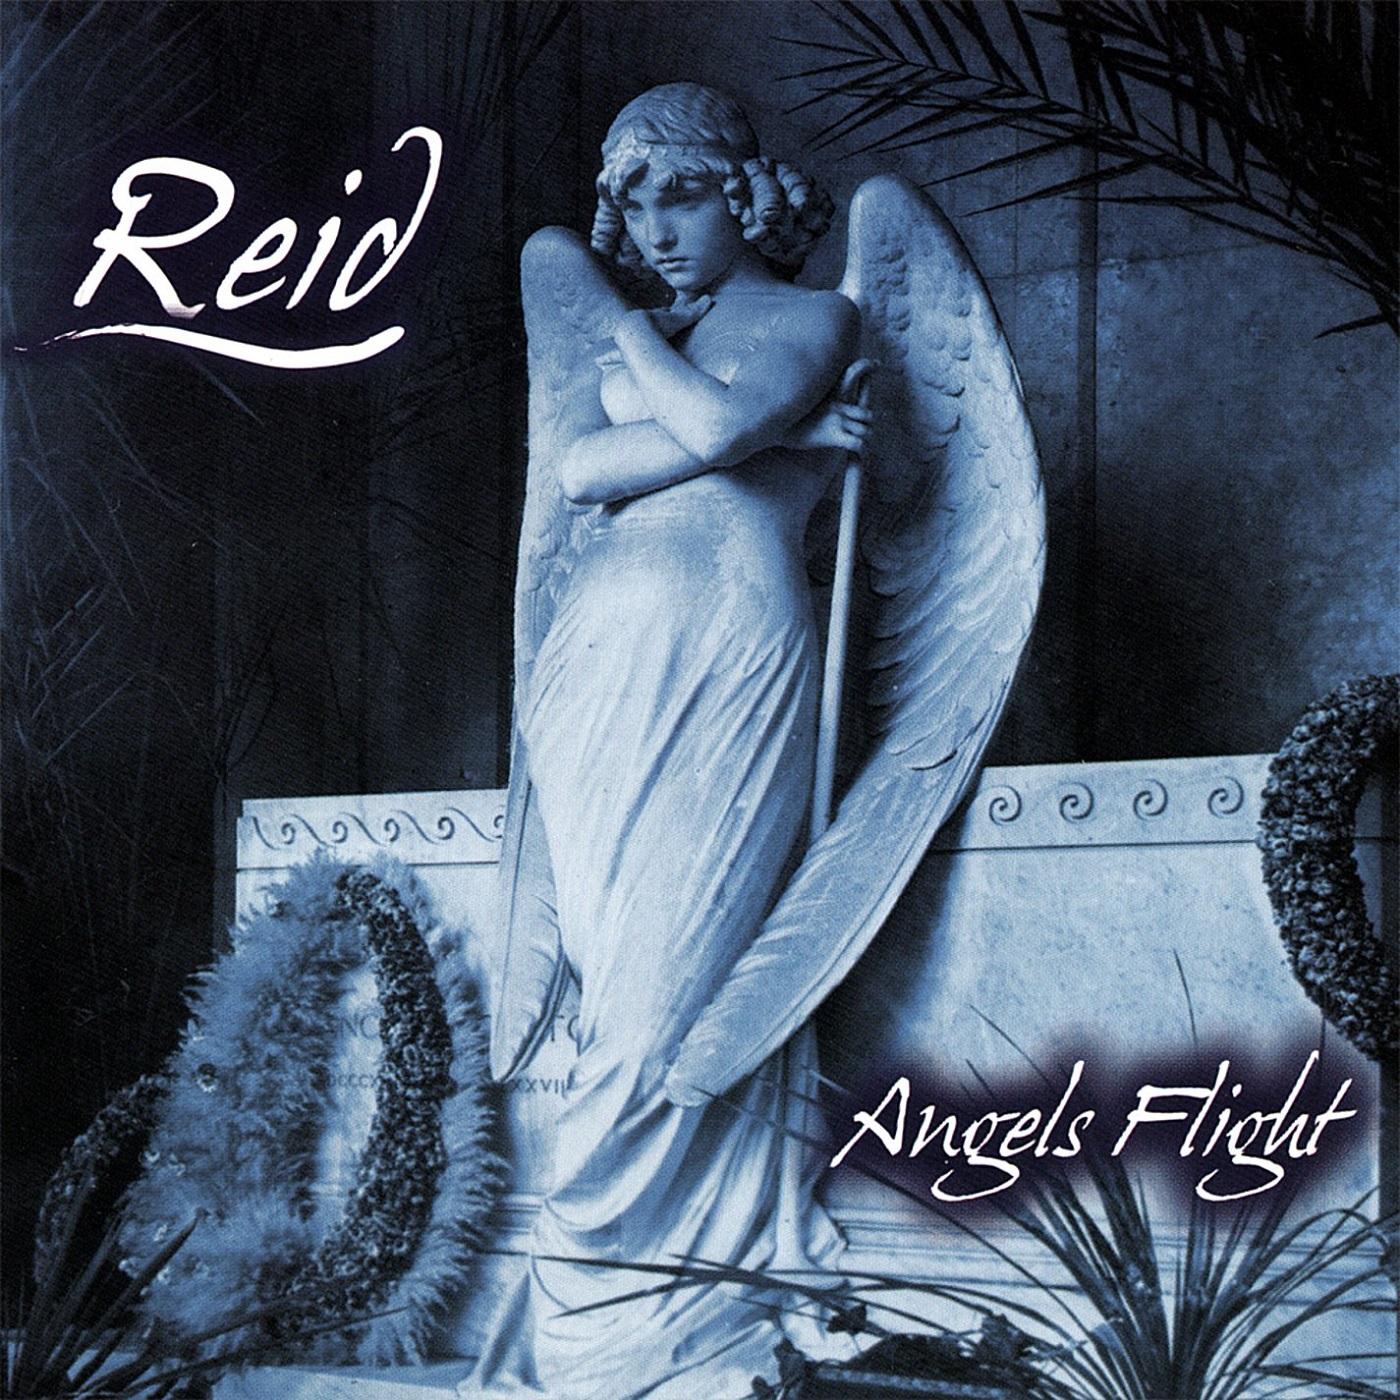 Reid - Angels Flight